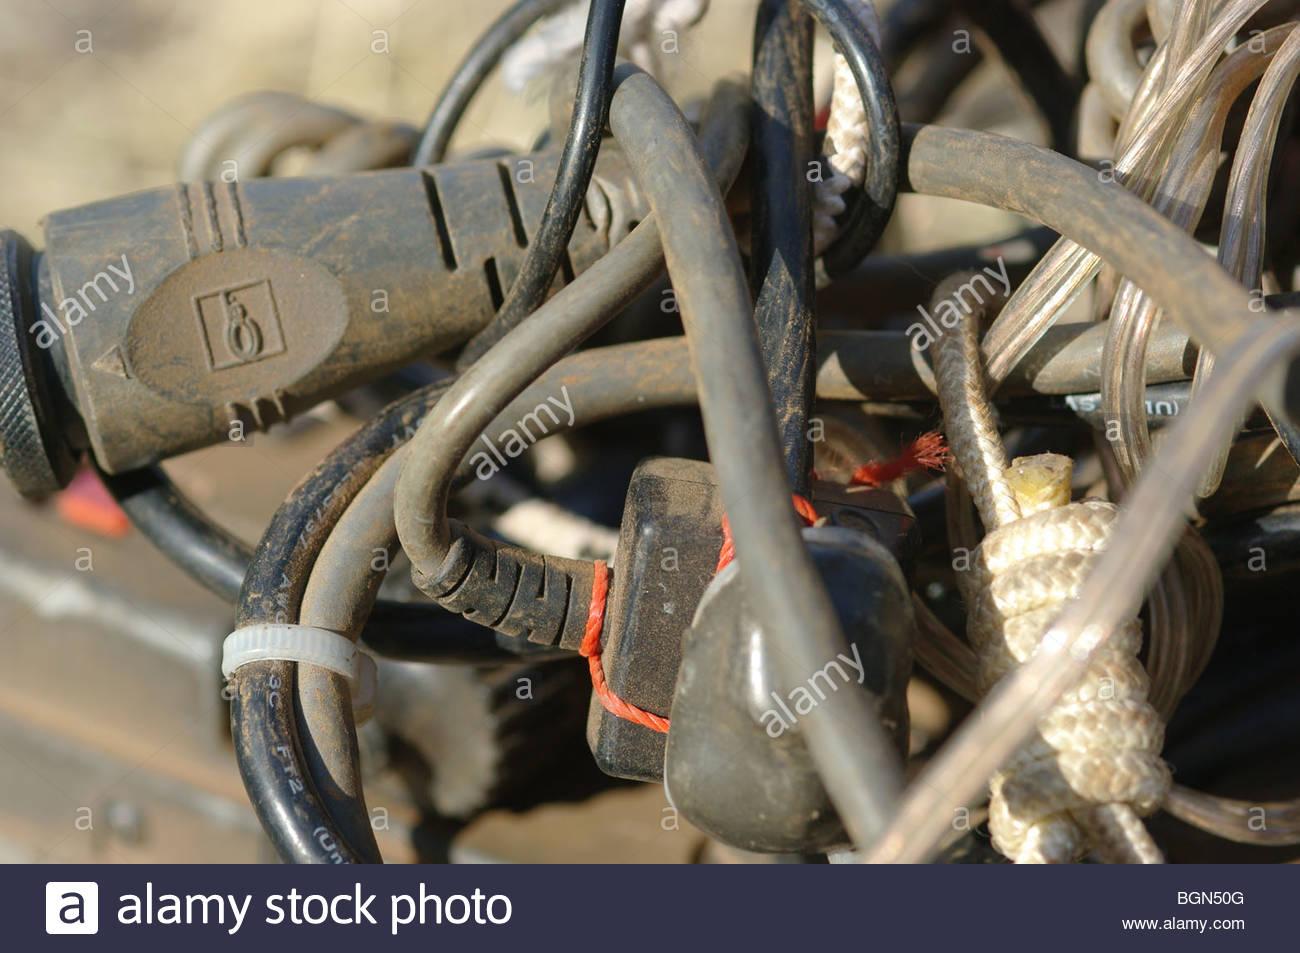 Elektrische Verdrahtung durcheinander Stockfoto, Bild: 27509792 - Alamy